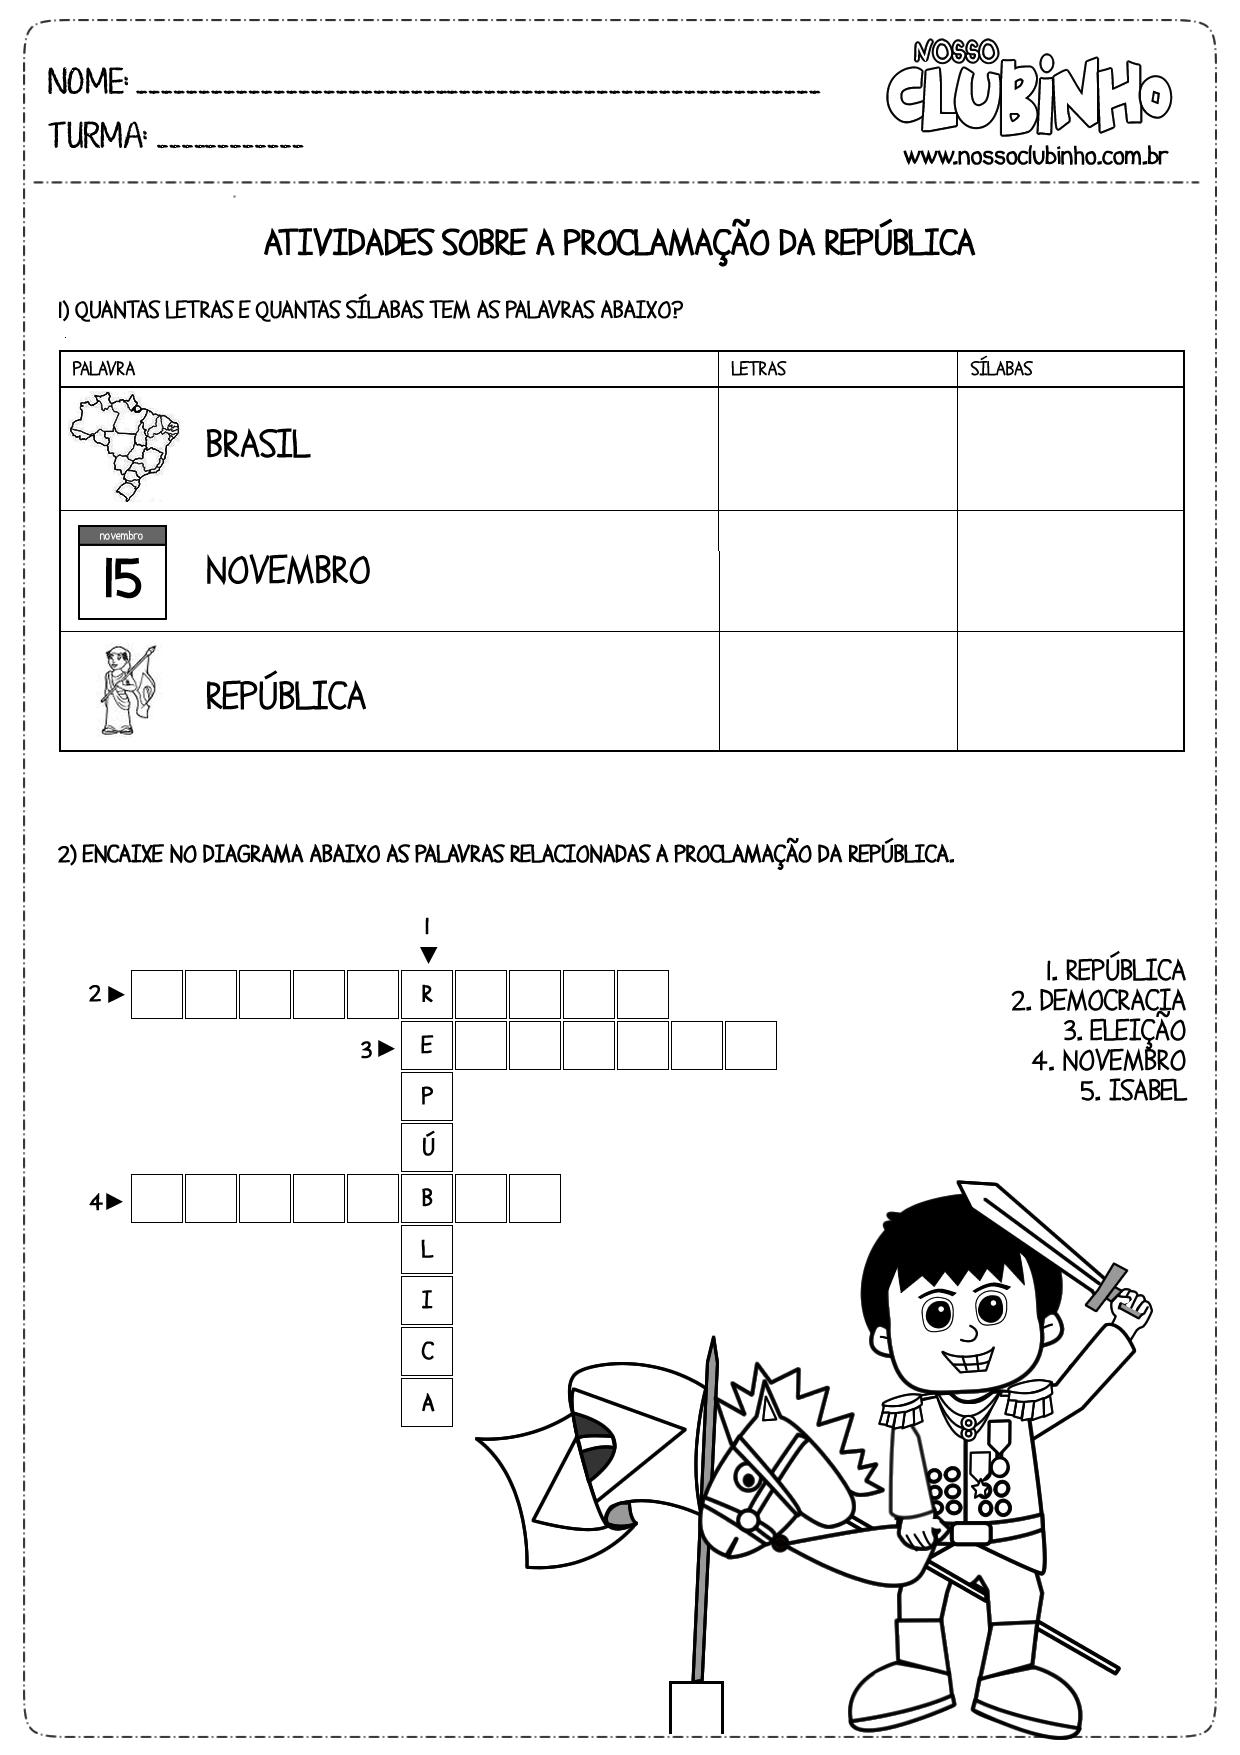 Atividade educativa de alfabetização sobre a Proclamação da República